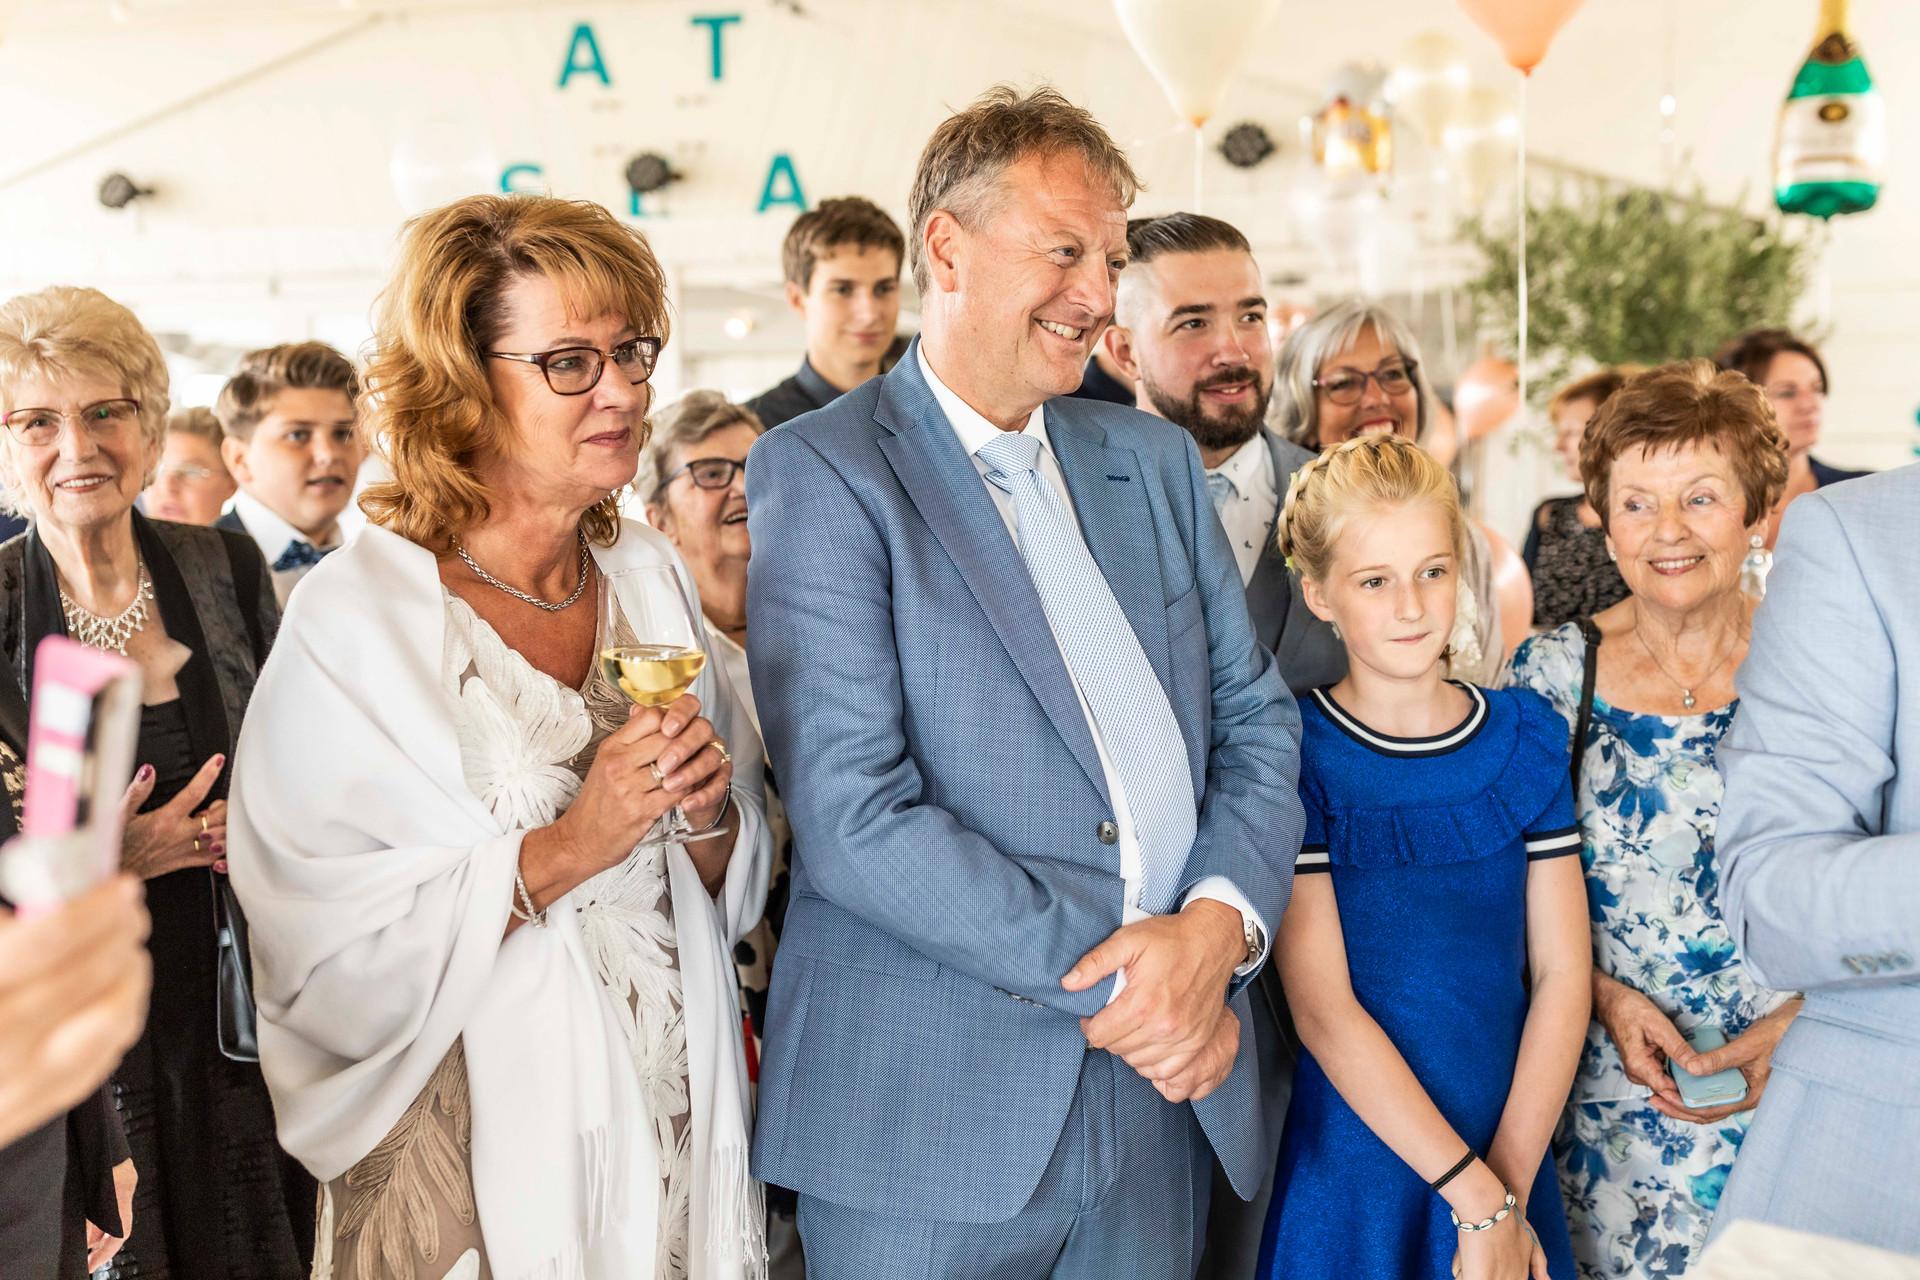 Bruiloft foto familie en vrienden